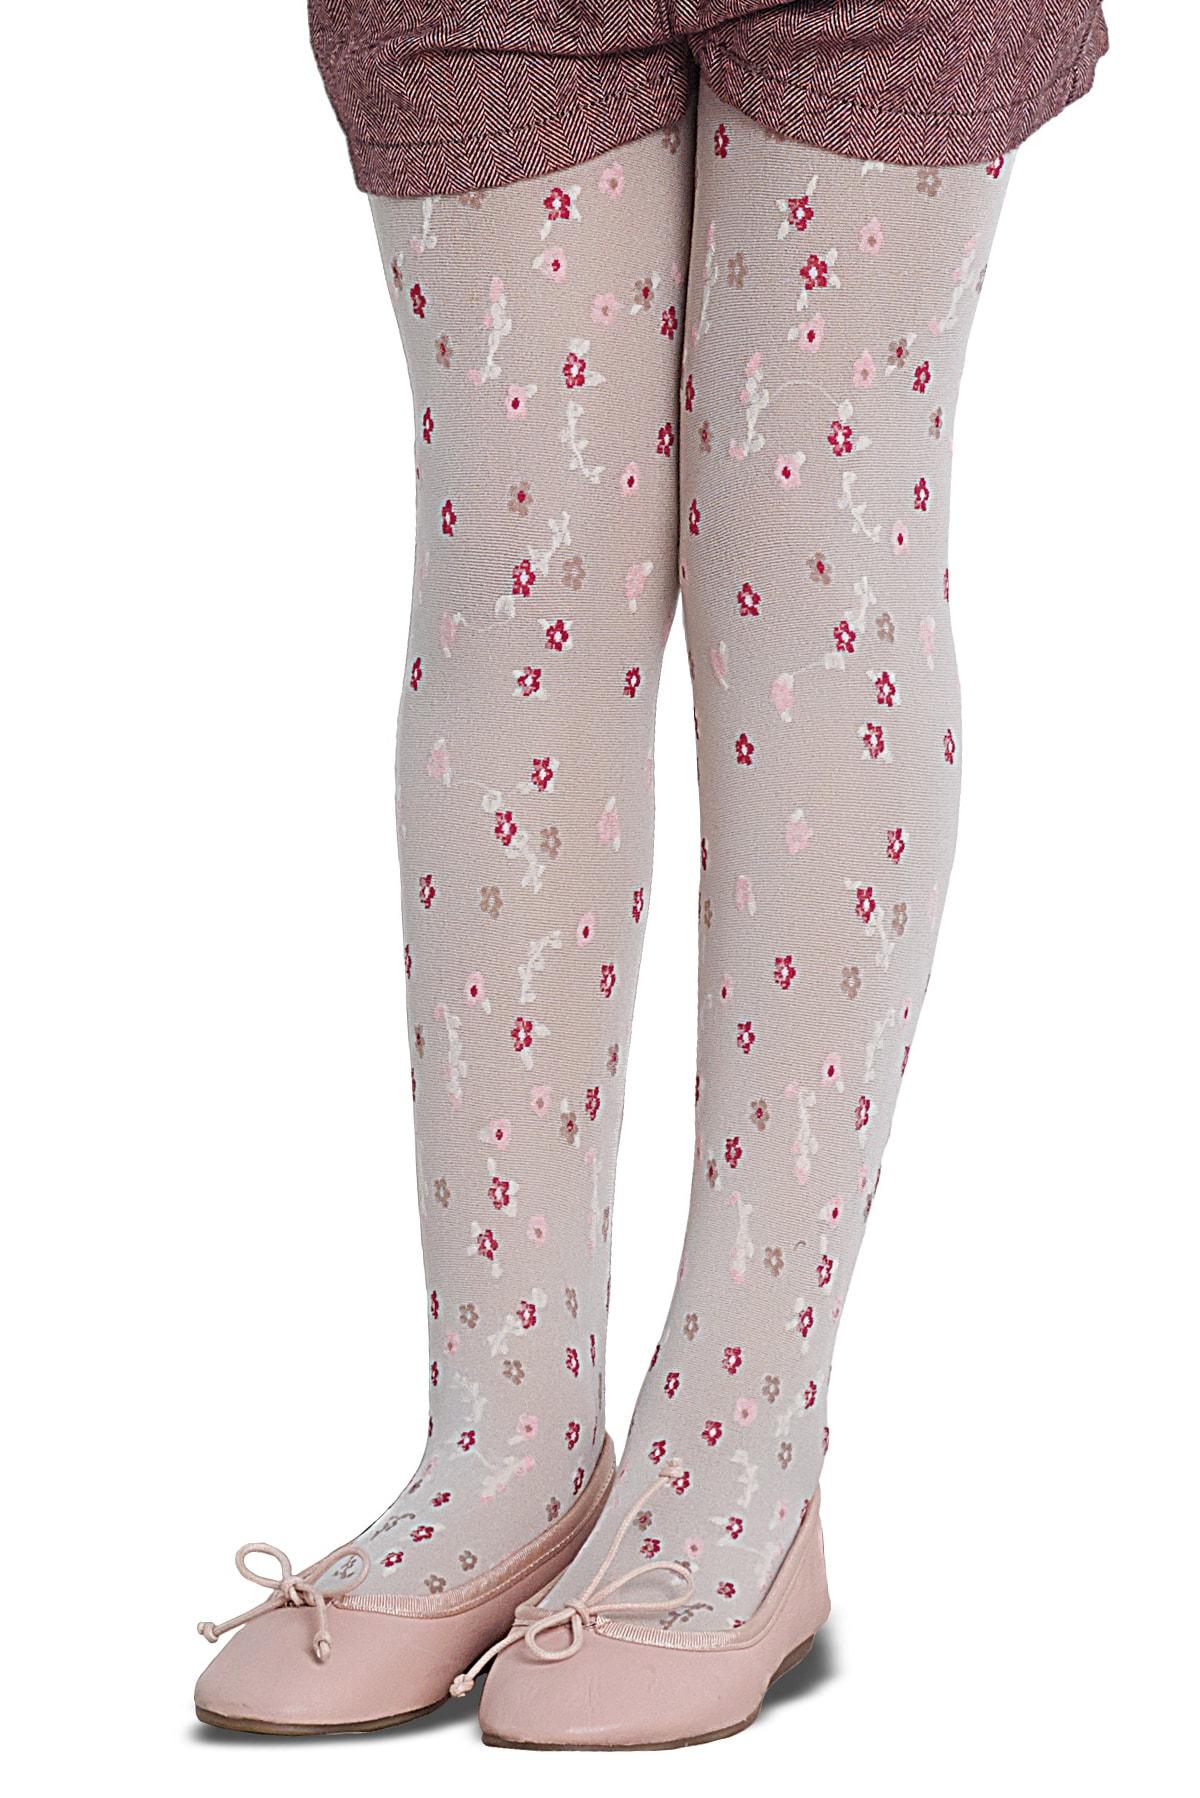 پنتی | Penti - جوراب شلواری دخترانه طرح Marla سفید